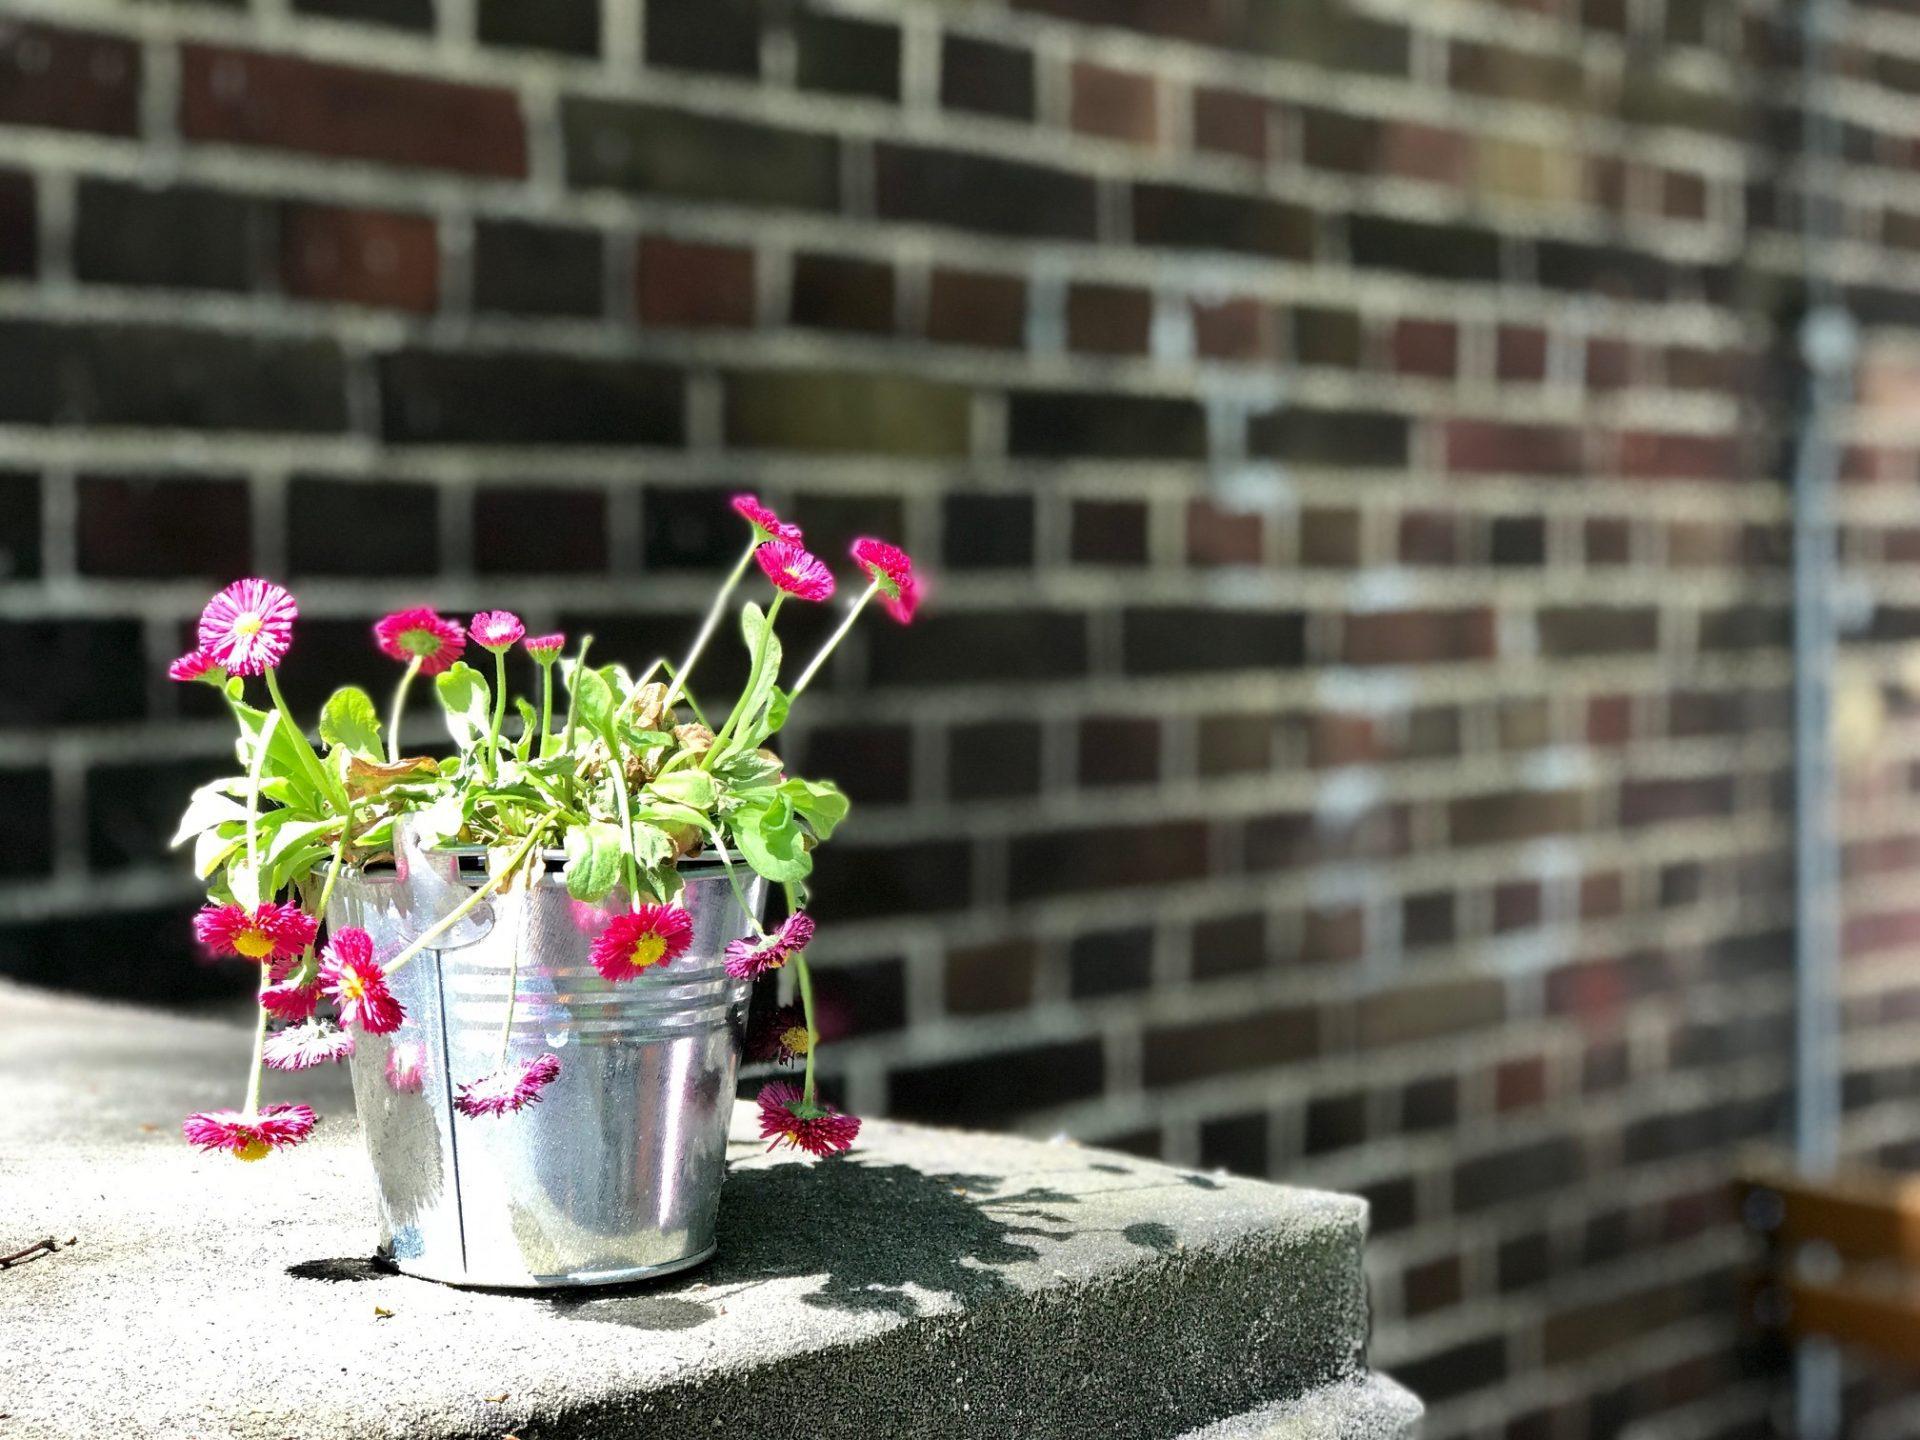 DSGVO – da hängen auch mal die (Blumen-) Köpfe